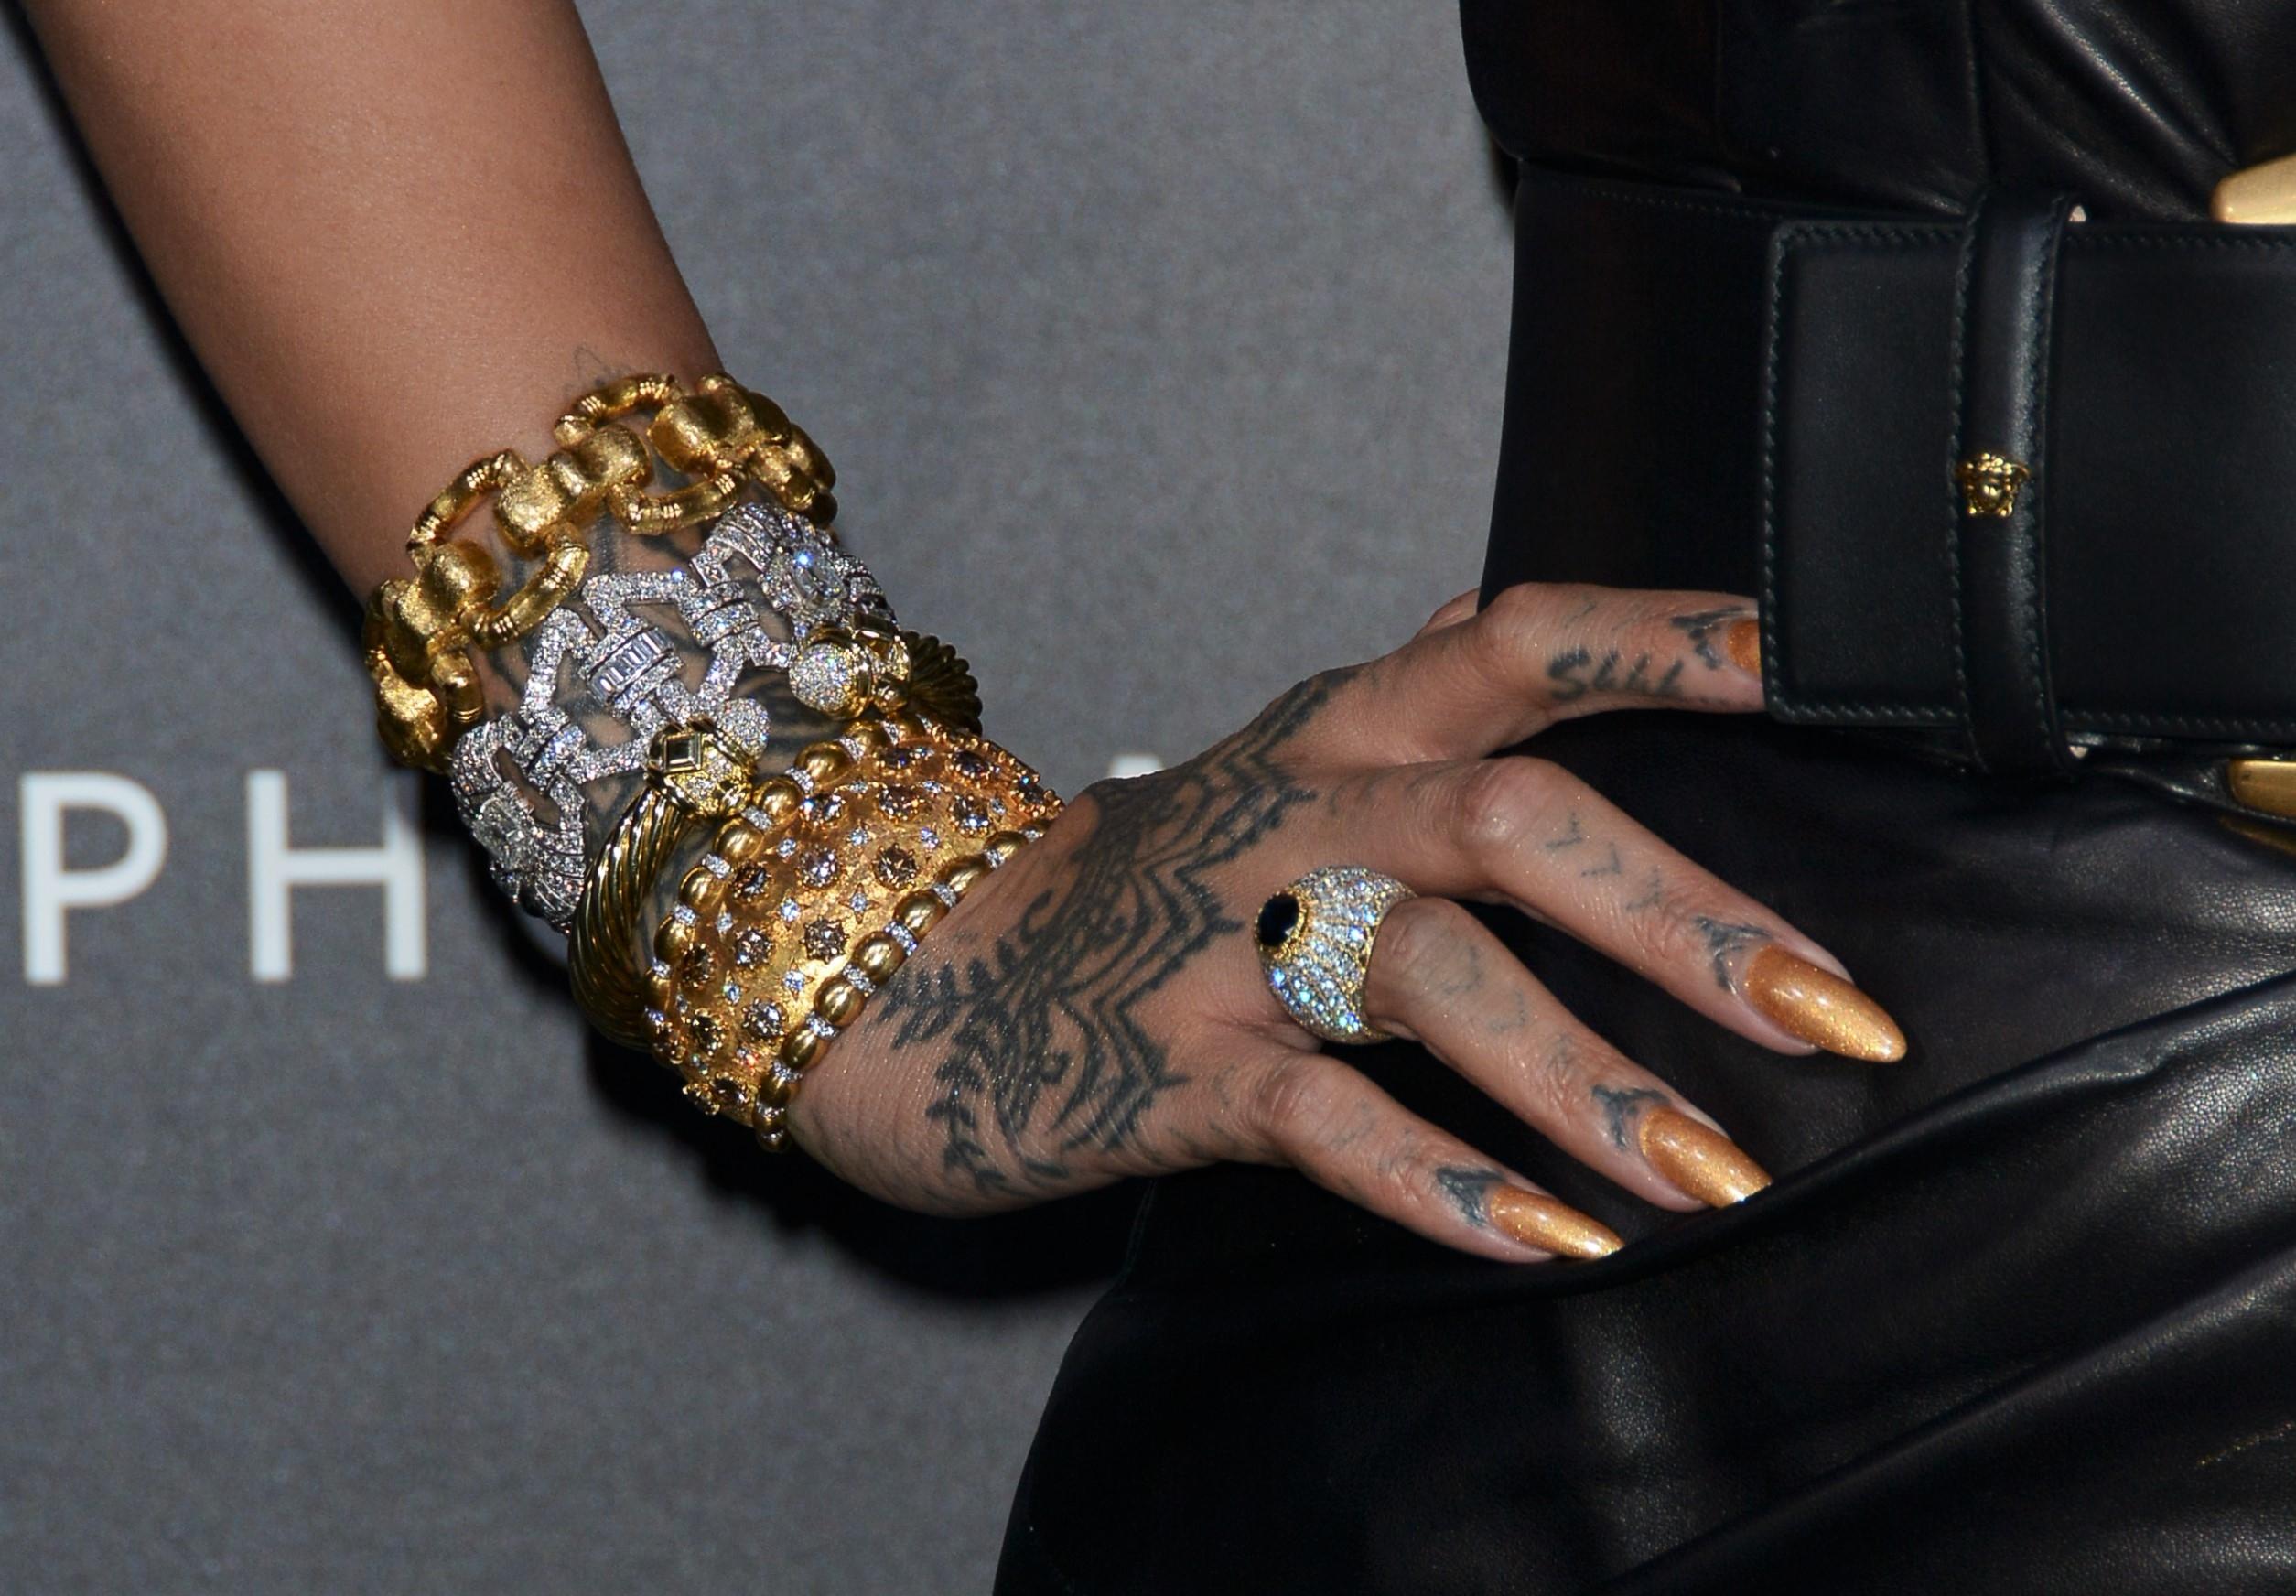 Milano East end Studios, Rihanna, icona internazionale della musica, della moda e della bellezza celebra il lancio del suo marchio cosmetico Fenty Beauty by Rihanna di SEPHORA, con la partecipazione di fan. Rihanna durante l'evento indossa abito VERSACE.  Milan East end Studios, Rihanna international icon of music, fashion and beauty, celebrates the launch of its SEPHORA cosmetic brand Fenty Beauty by Rihanna, with the participation of fans.  Rihanna wearing the VERSACE dress during the event. <P> Pictured: Rihanna wears VERSACE dress     hands and accessories details <B>Ref: SPL1677246  060418  </B><BR/> Picture by: Nick Zonna / Splash News<BR/> </P><P> <B>Splash News and Pictures</B><BR/> Los Angeles:310-821-2666<BR/> New York:212-619-2666<BR/> London:870-934-2666<BR/> <span id=